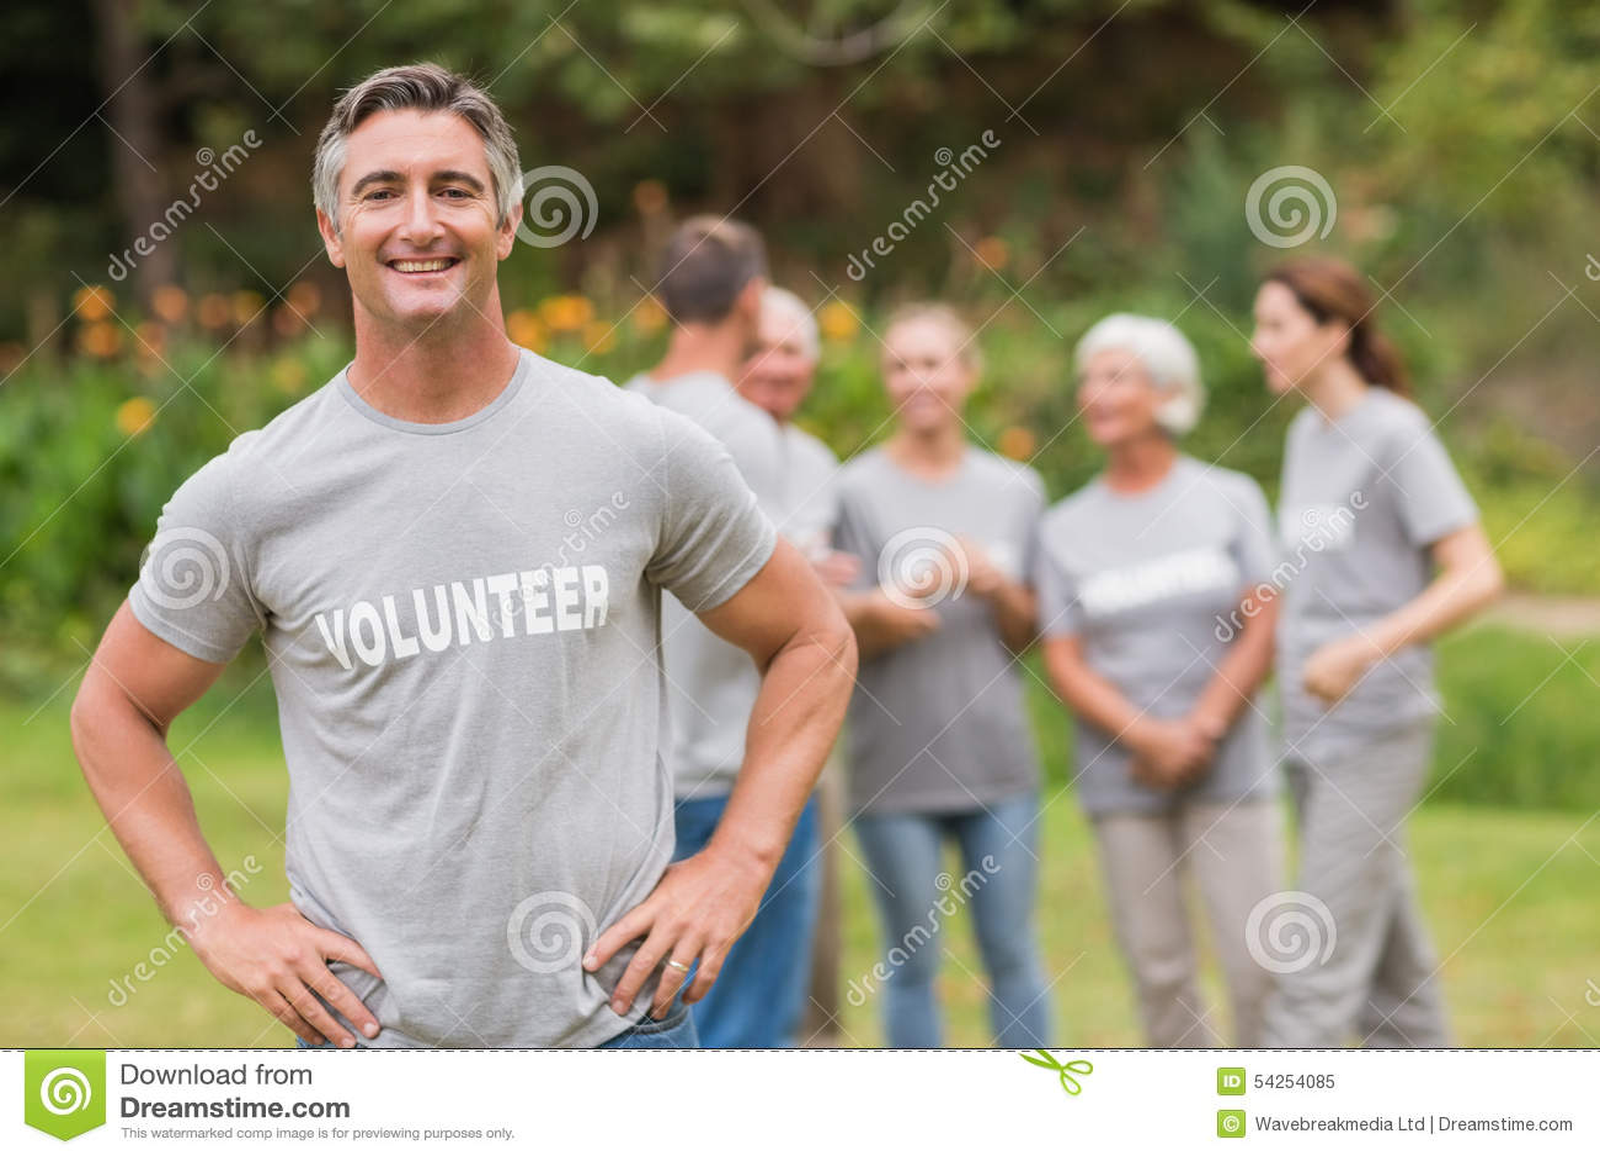 Glimlachende vrijwilliger die camera bekijken